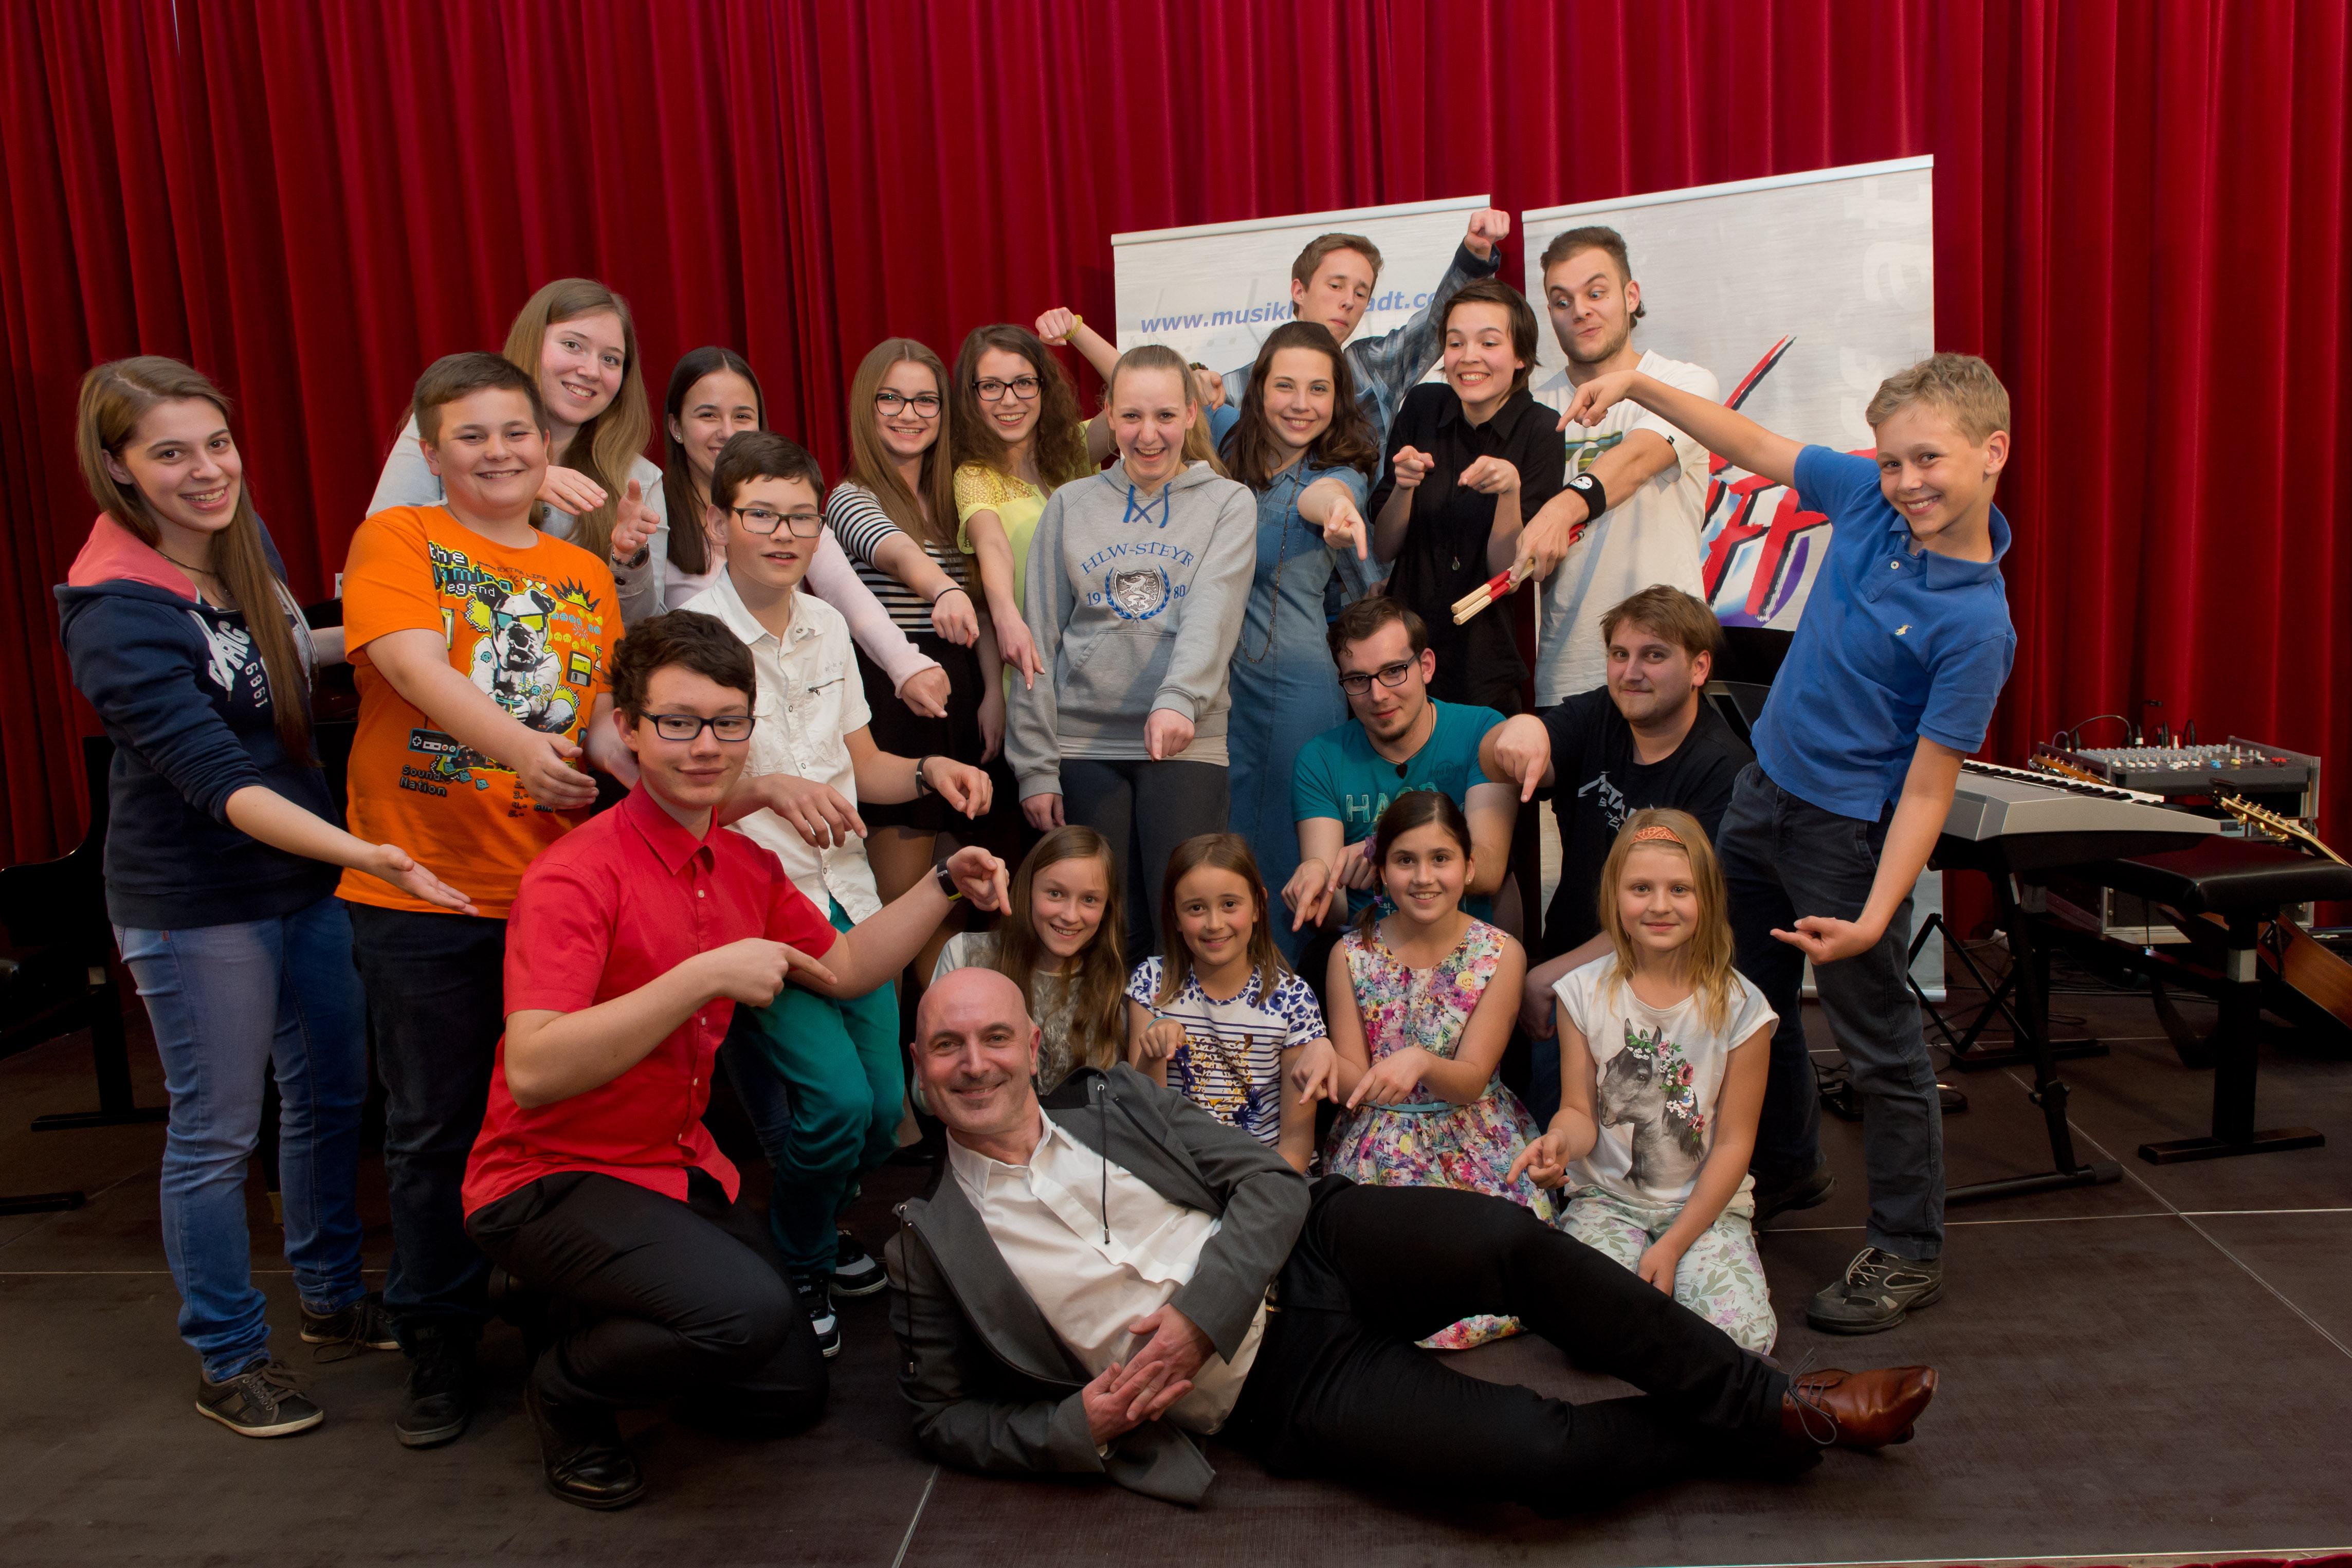 Foto für die Donau Universität Krems, Dr. Karl Dorrek Strasse 30, Krems